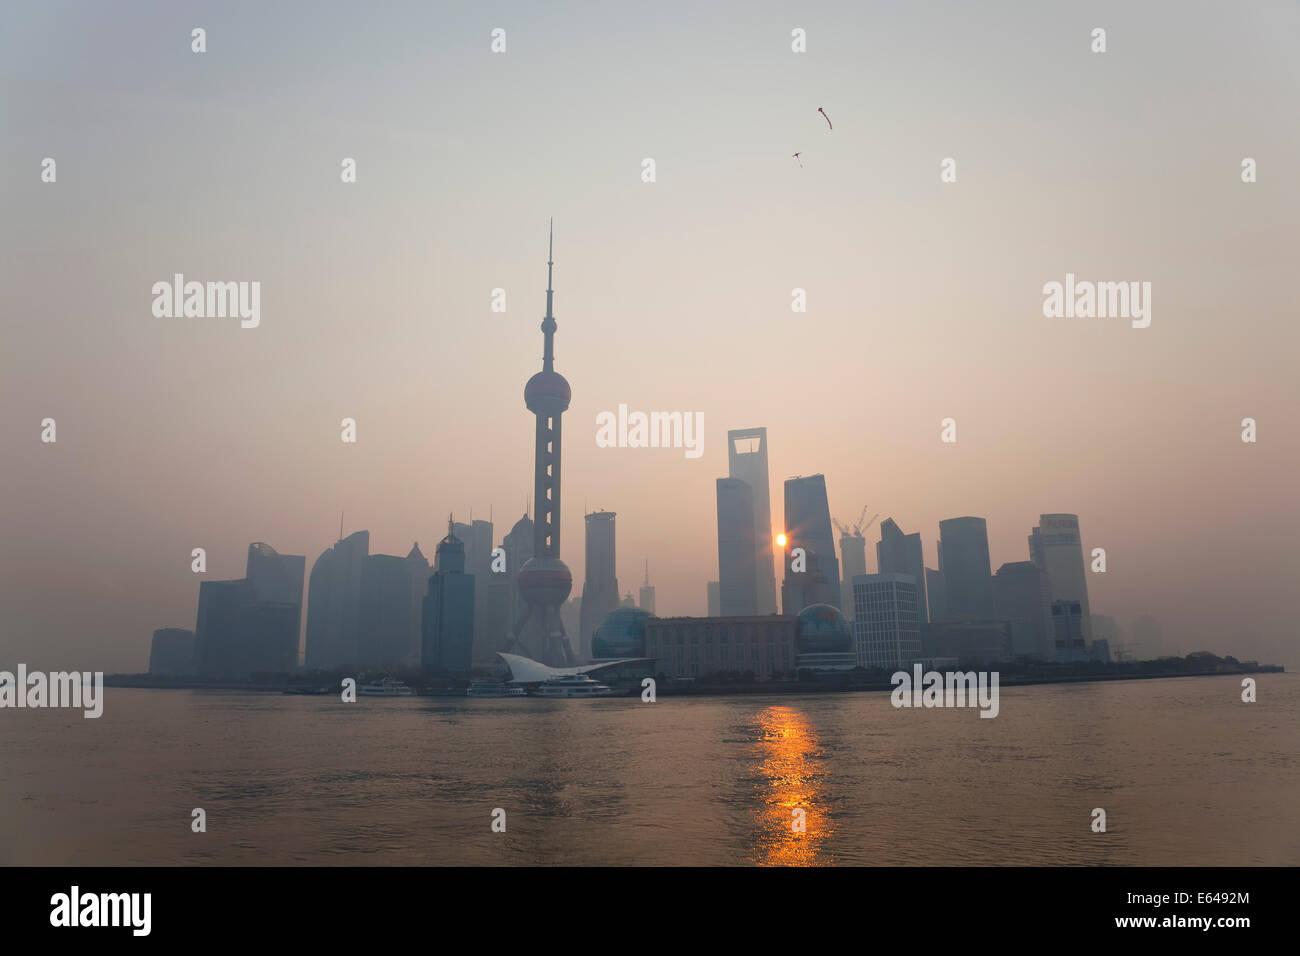 Sunrise over Pudong skyline, Shanghai, China - Stock Image